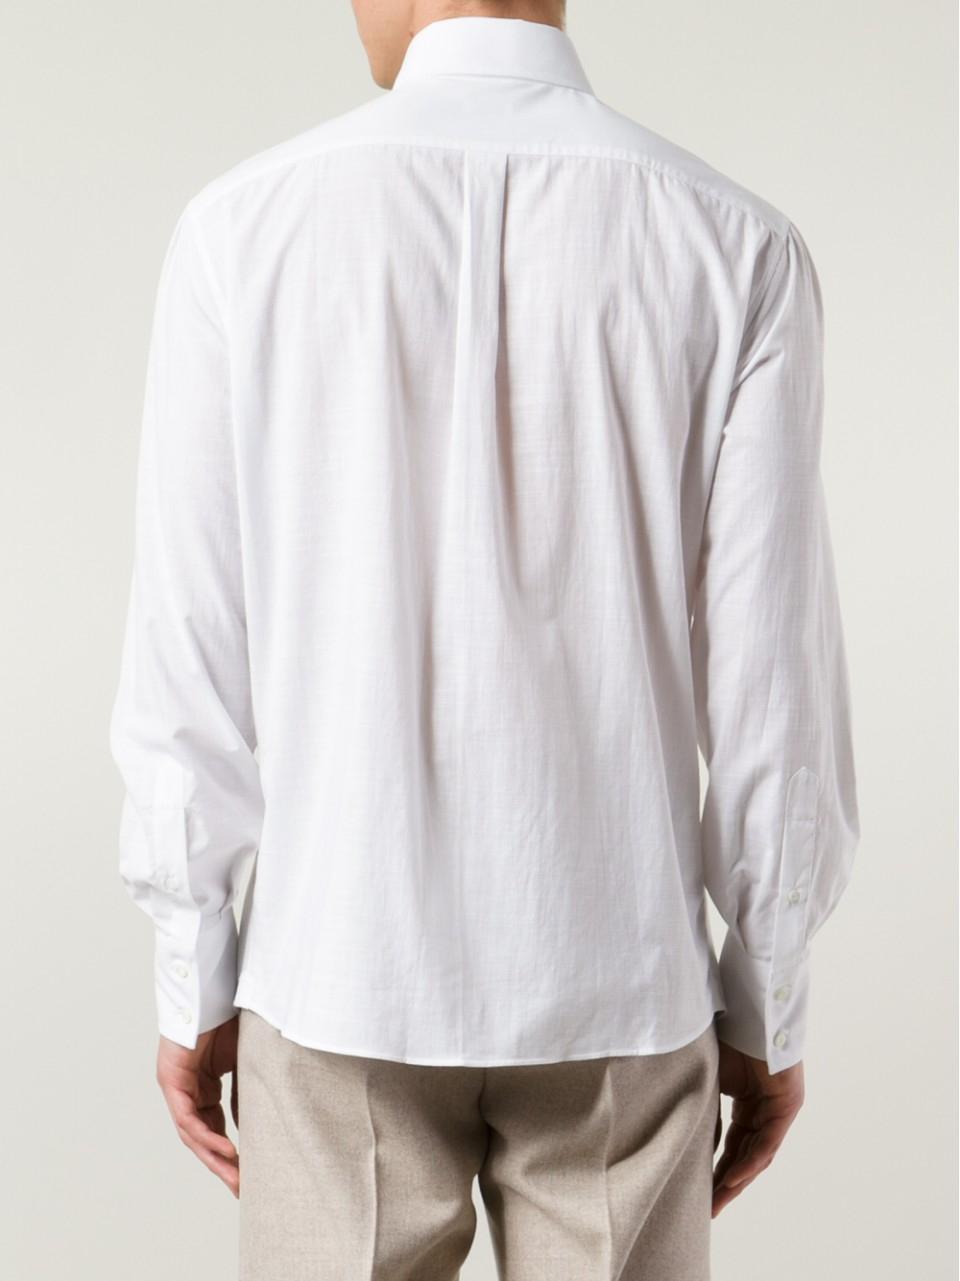 Brunello cucinelli oxford spread collar shirt in white for for What is a spread collar shirt